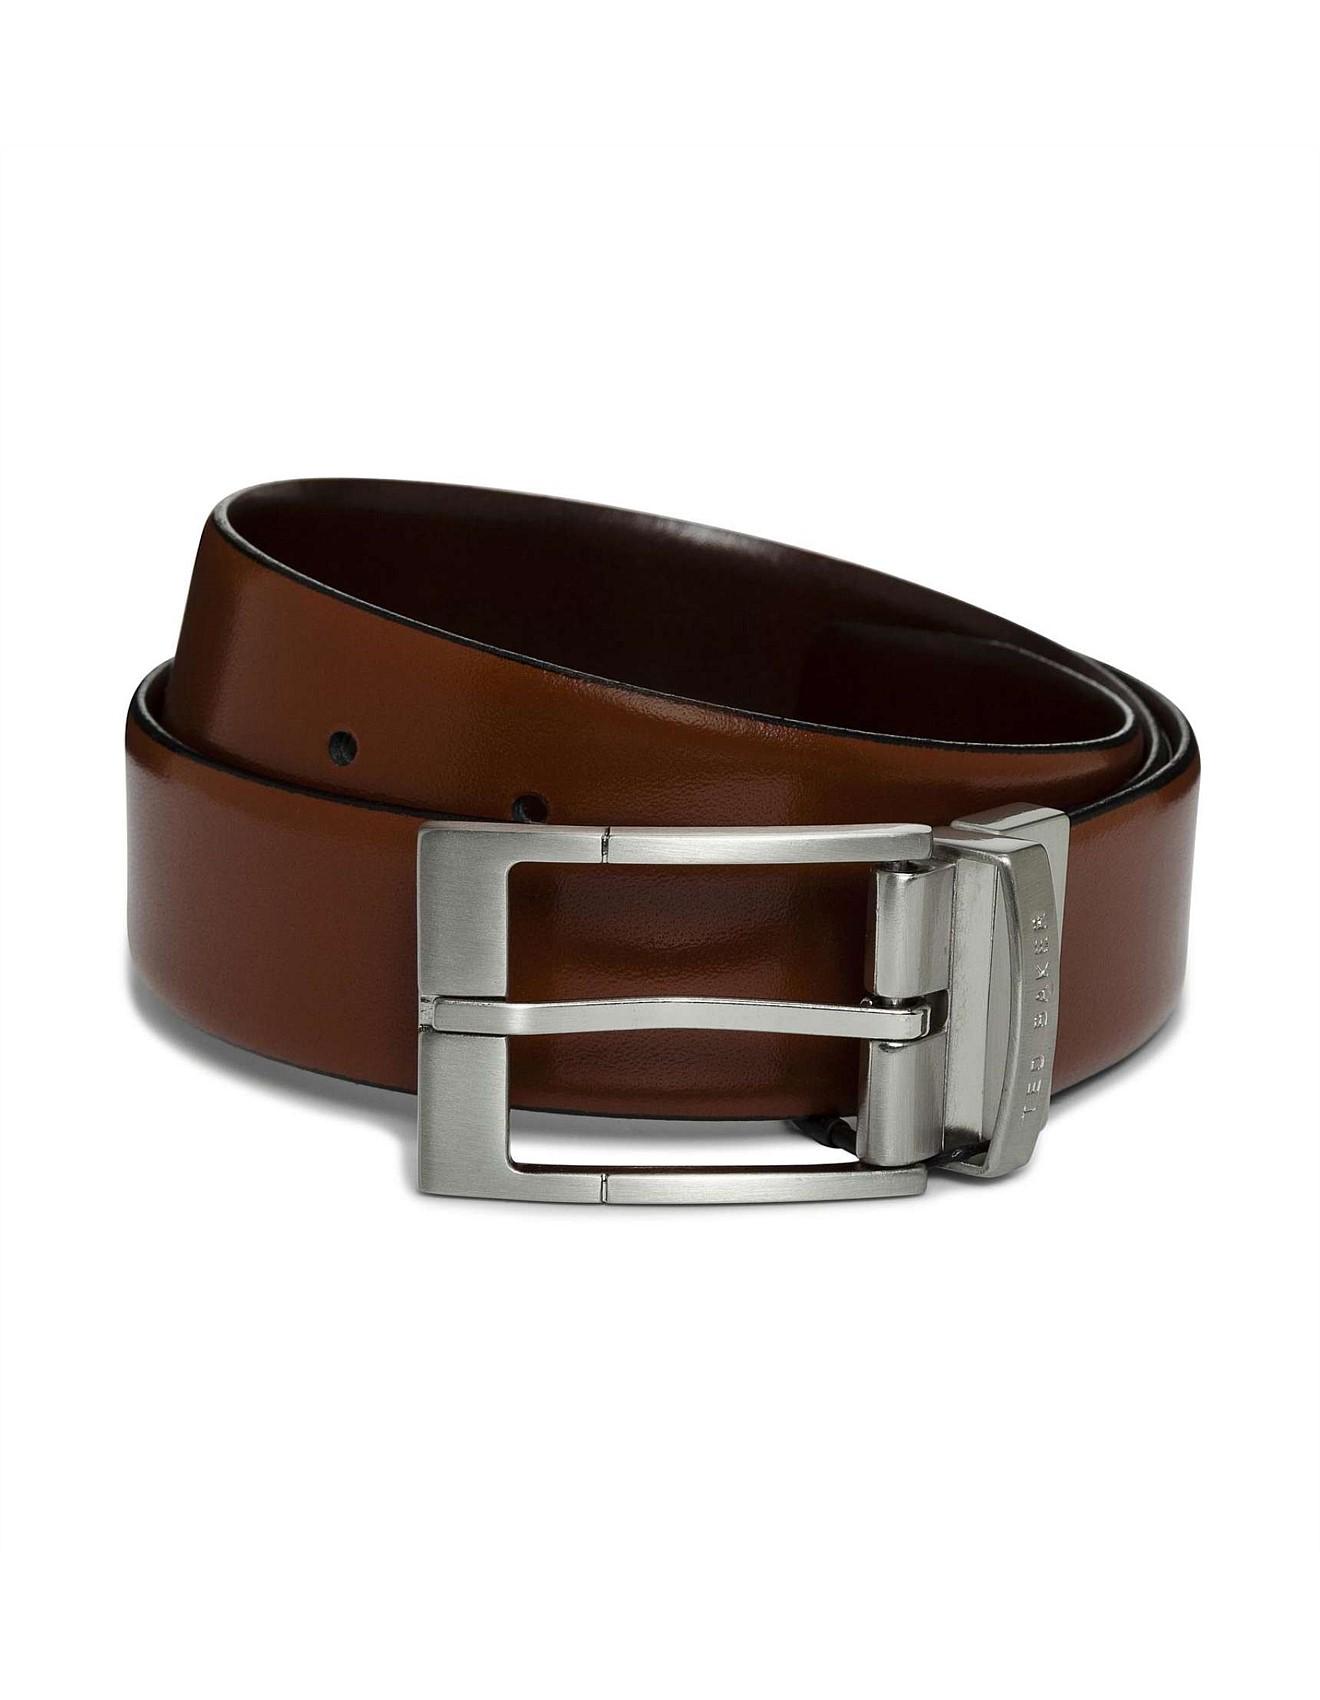 c4116705c7eb0 Reversible Dress Belt. Zoom. Ted Baker